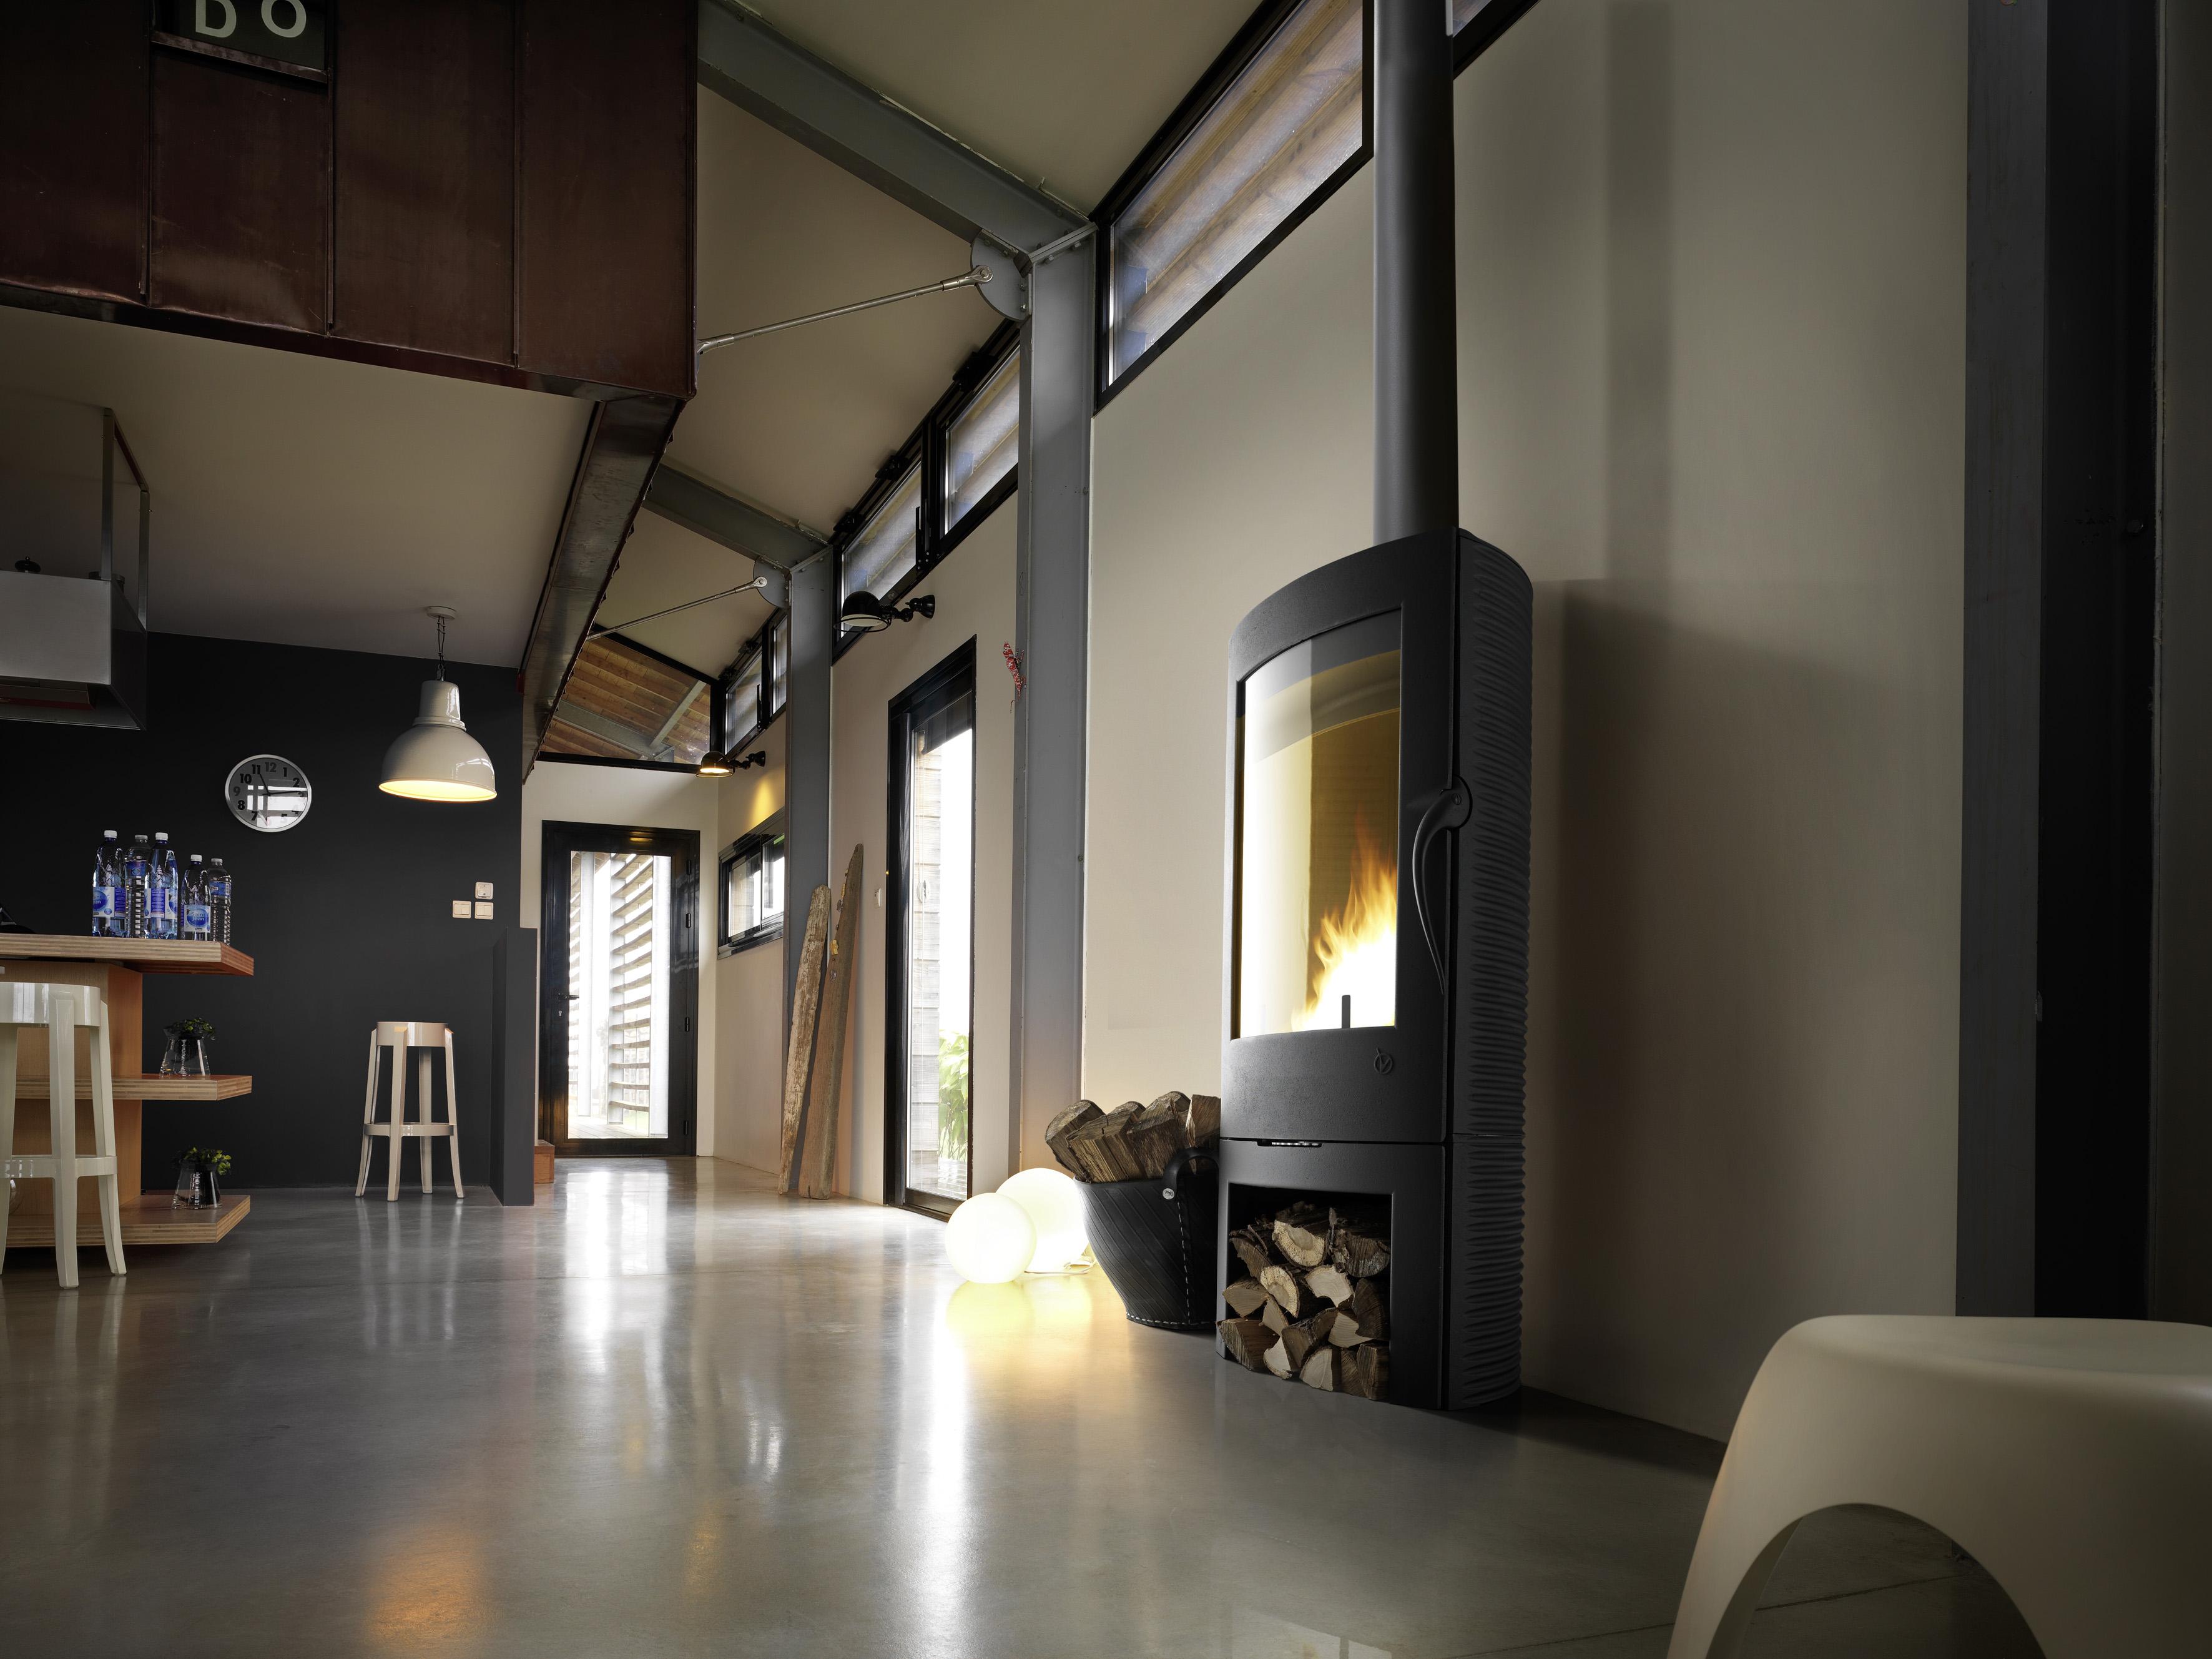 arles wamsler gmbh. Black Bedroom Furniture Sets. Home Design Ideas